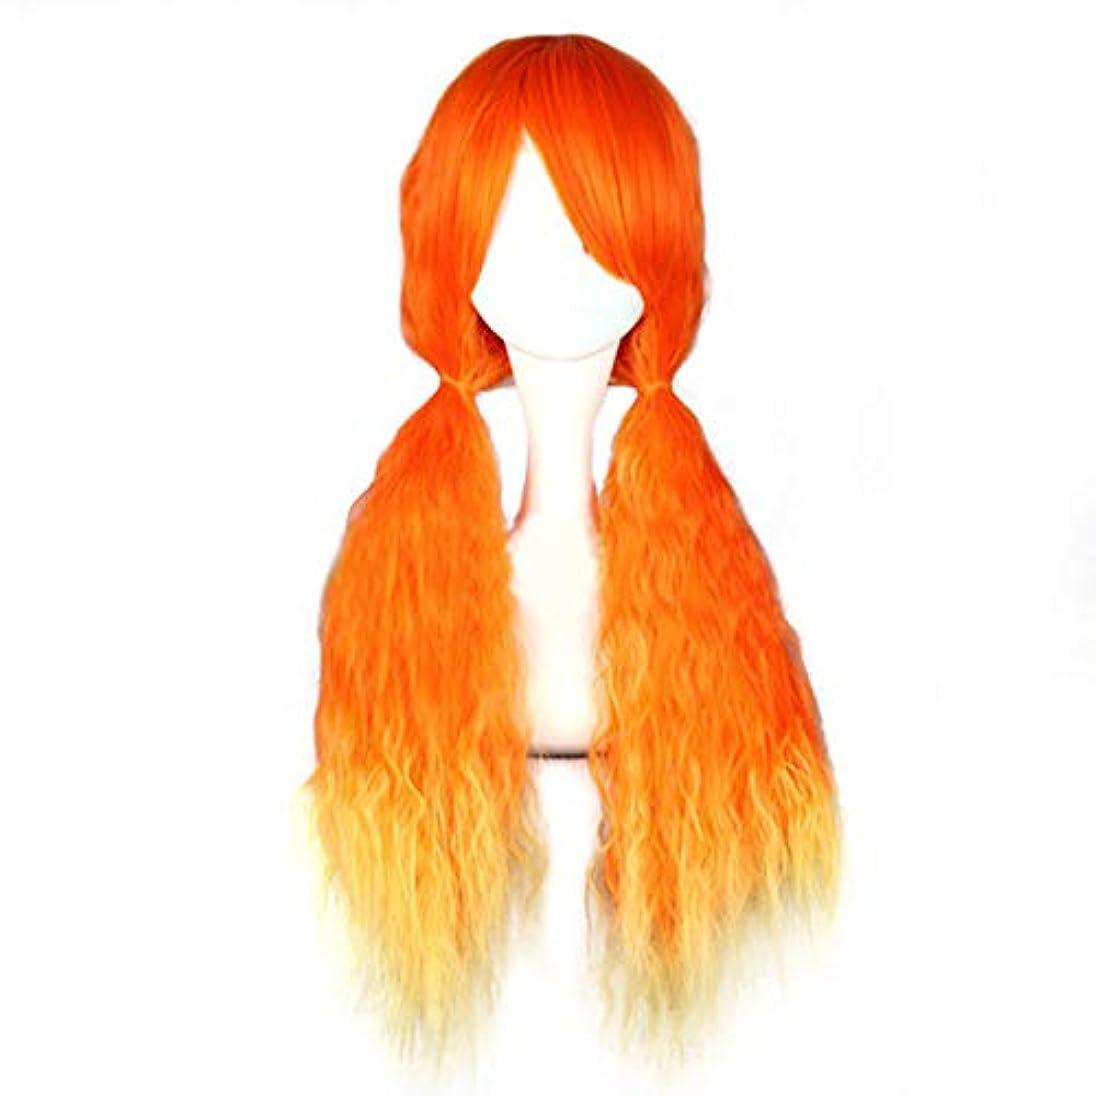 教え家事をするサンダーJIANFU エアーロールロングヘアウィッグコスプレウィッグガールズ原宿スタイルロリータウィッグ (Color : Orange red gradient)